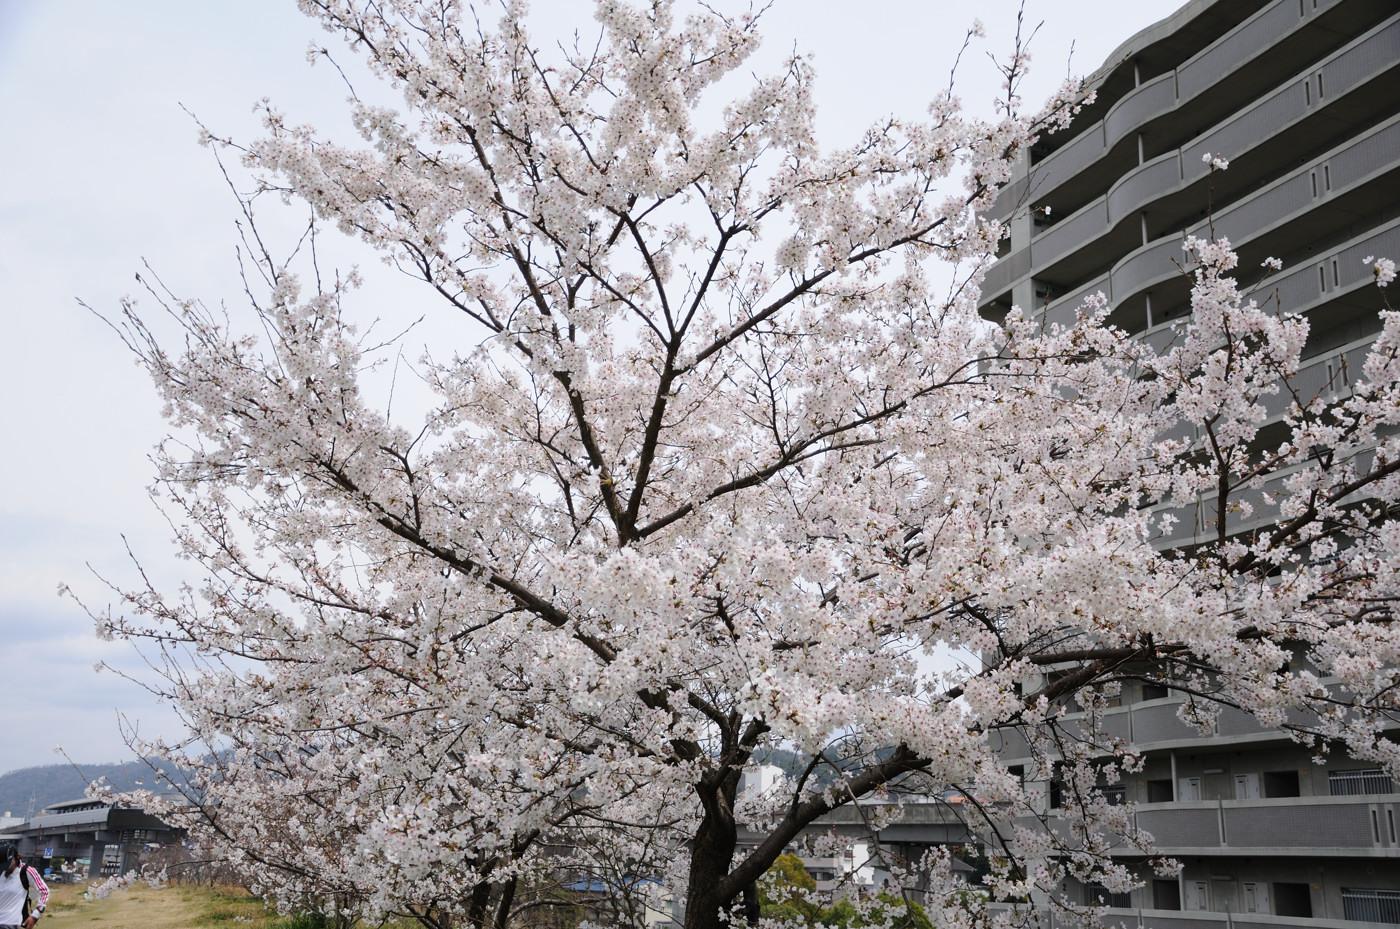 満開の桜の木でした